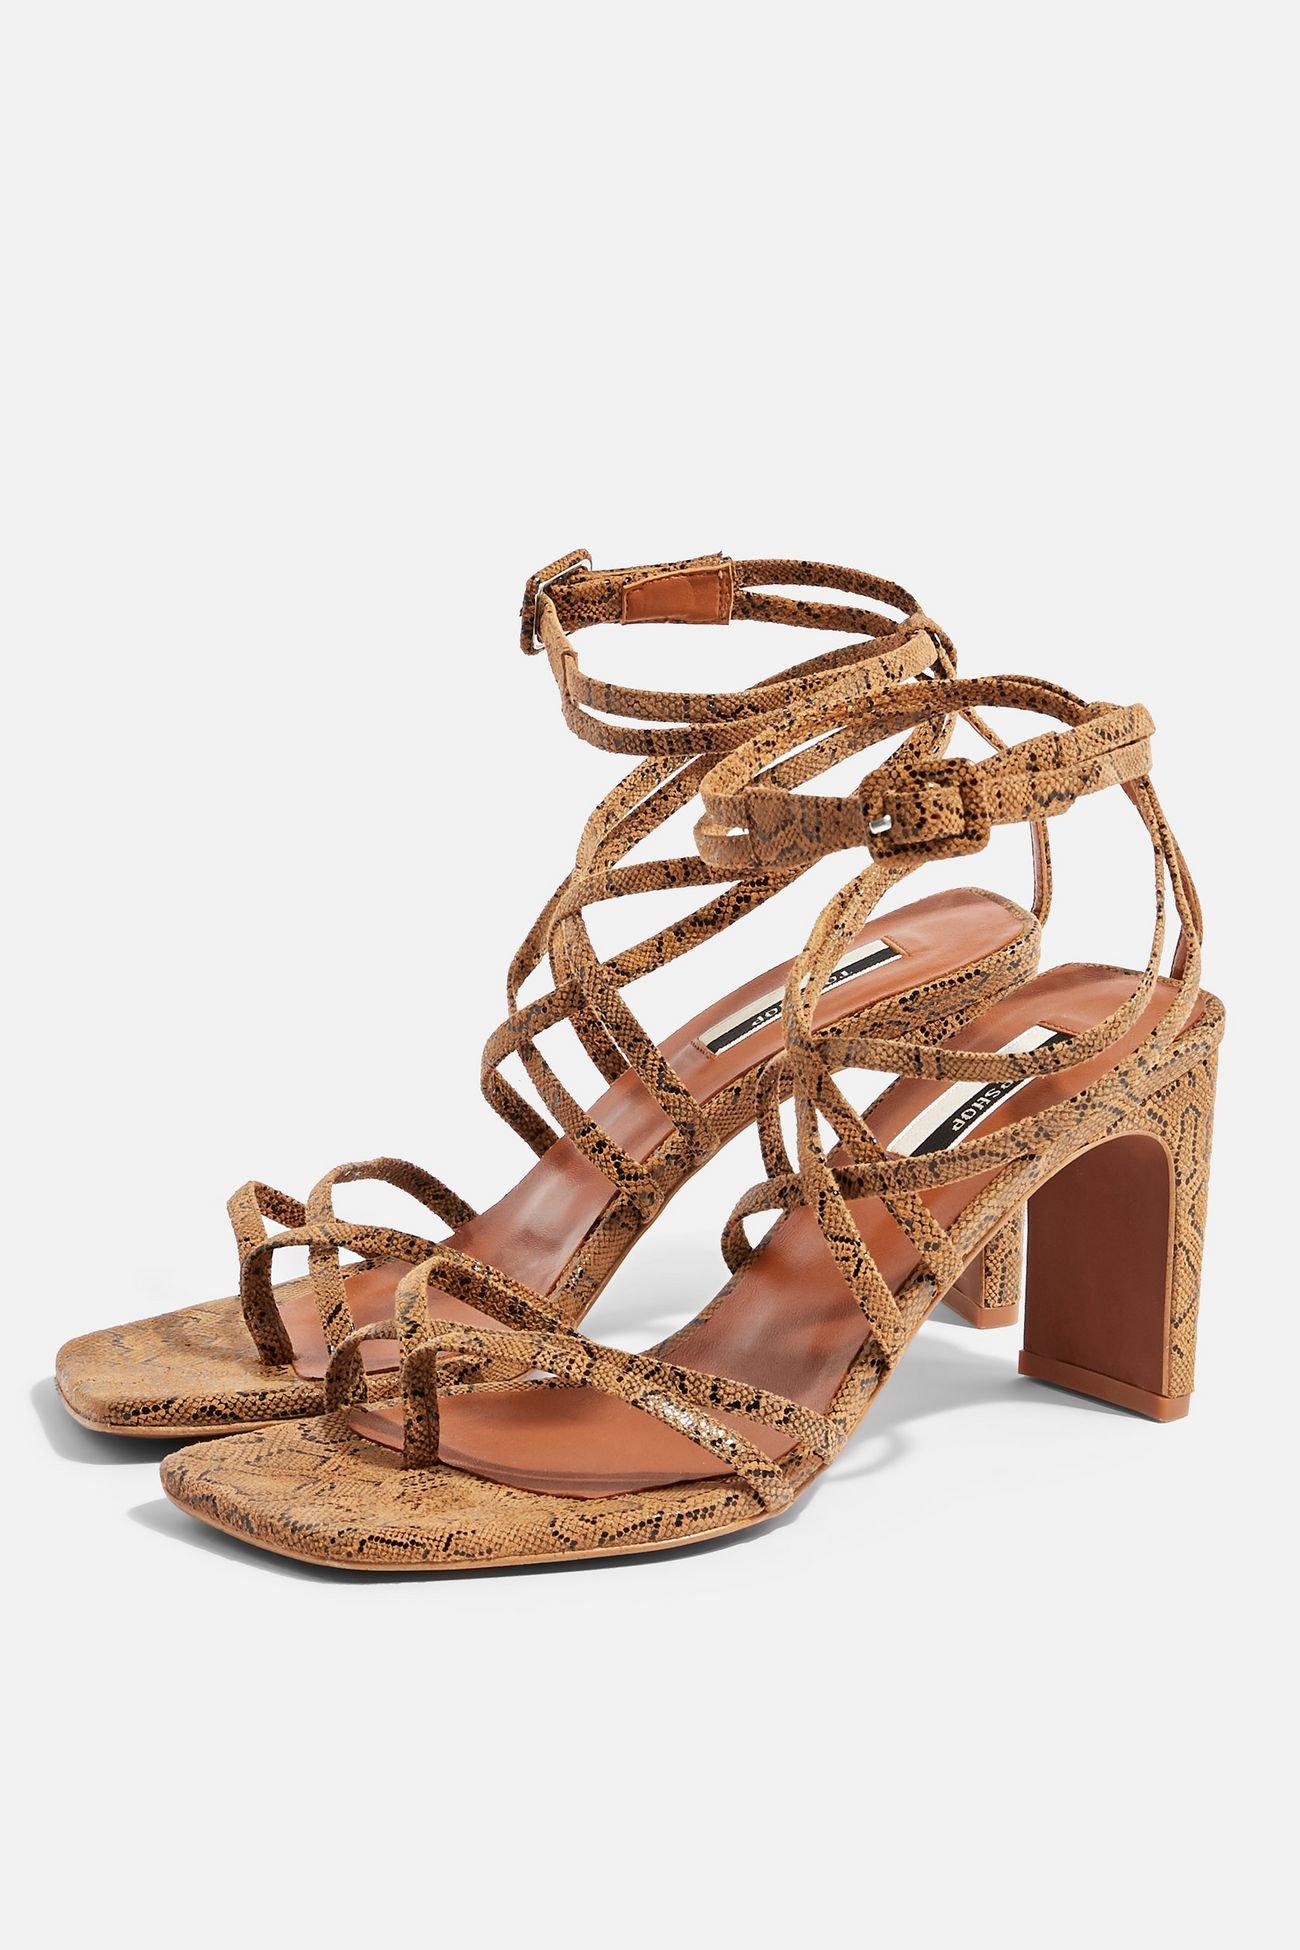 RAJA Natural Strap Mid Sandals | Topshop